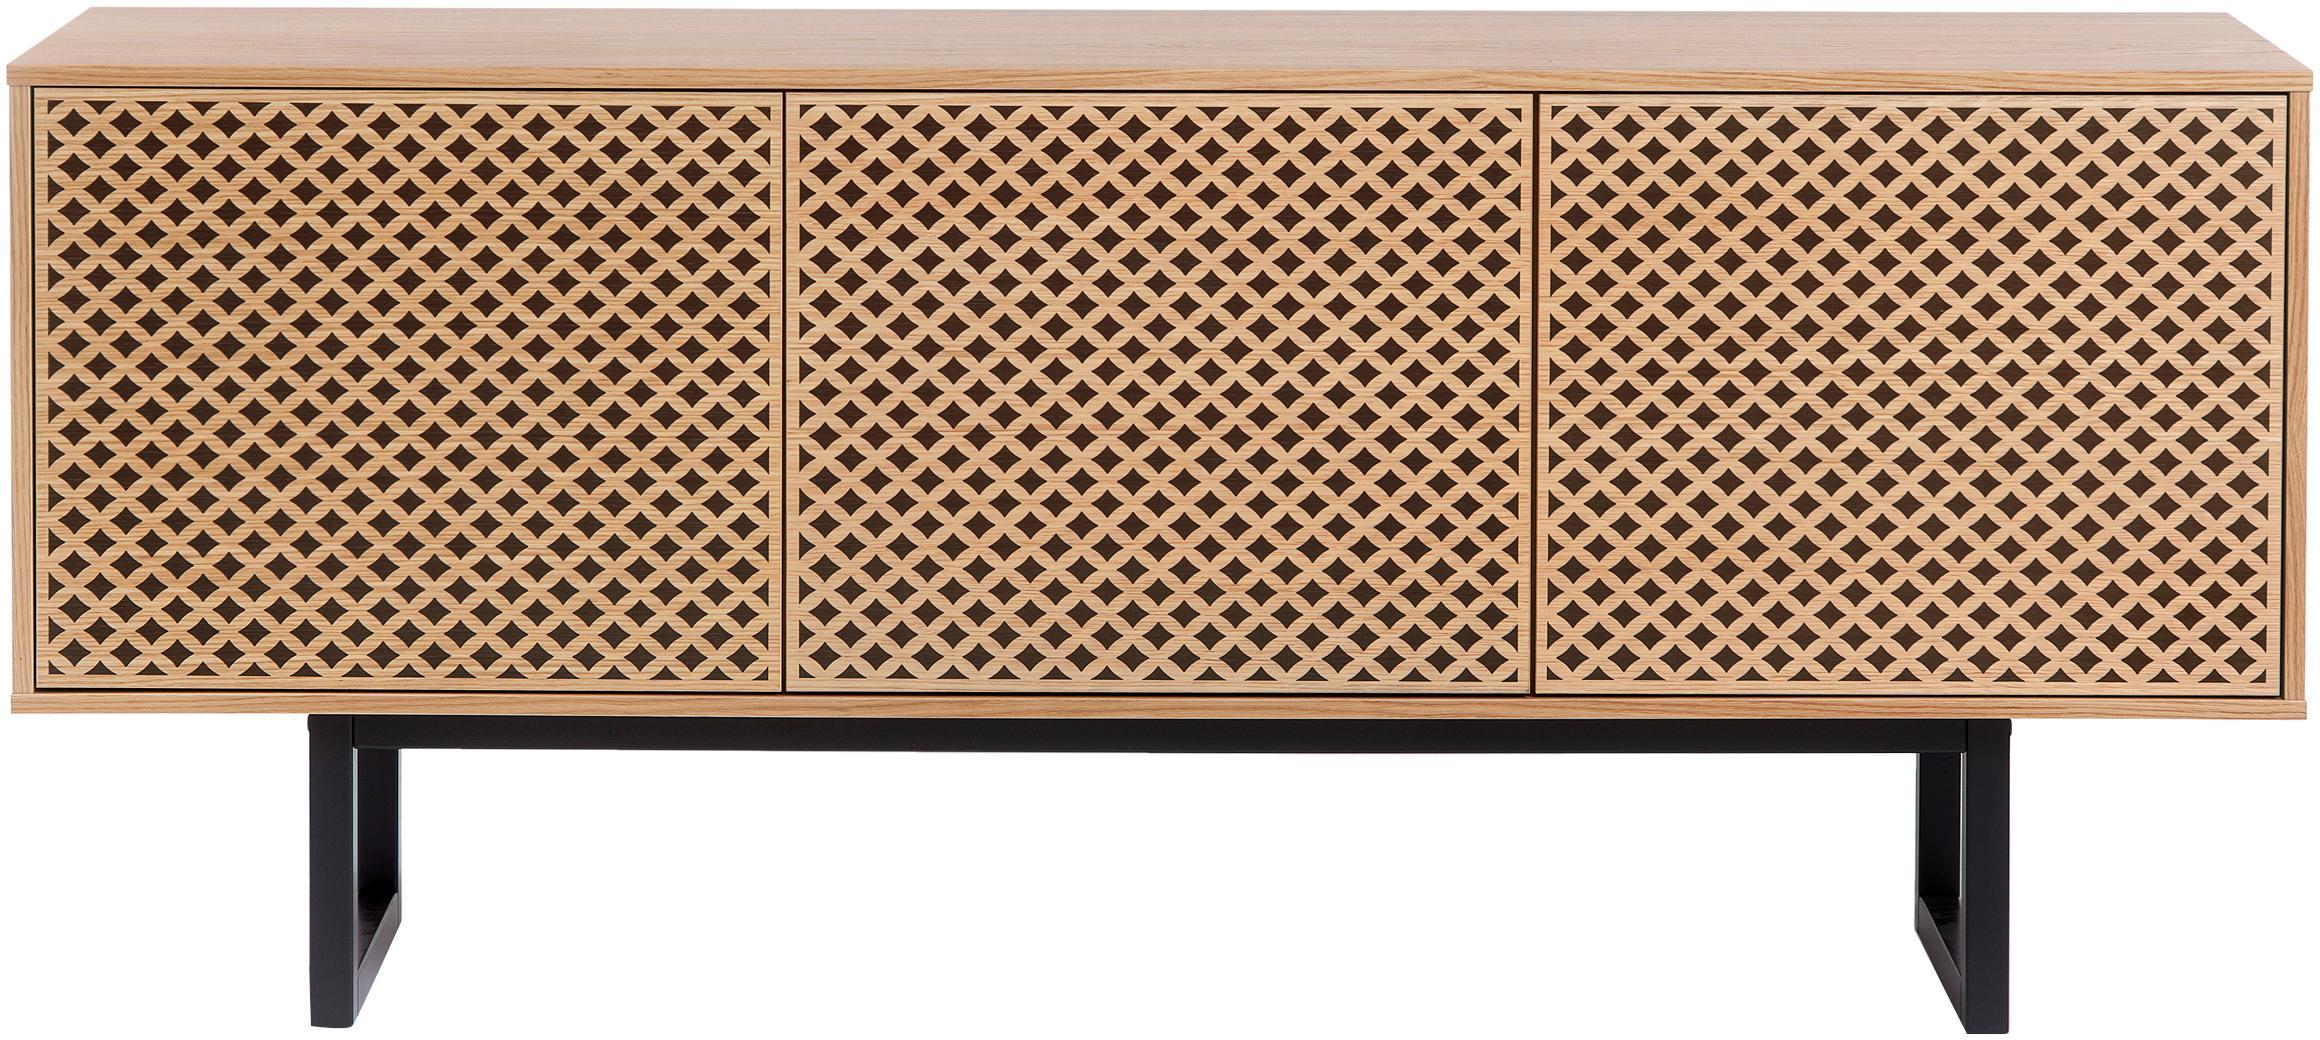 Sideboard Camden mit Eichenholzfurnier, Korpus: Mitteldichte Holzfaserpla, Füße: Birkenholz, lackiert, Eichenholz, 175 x 75 cm